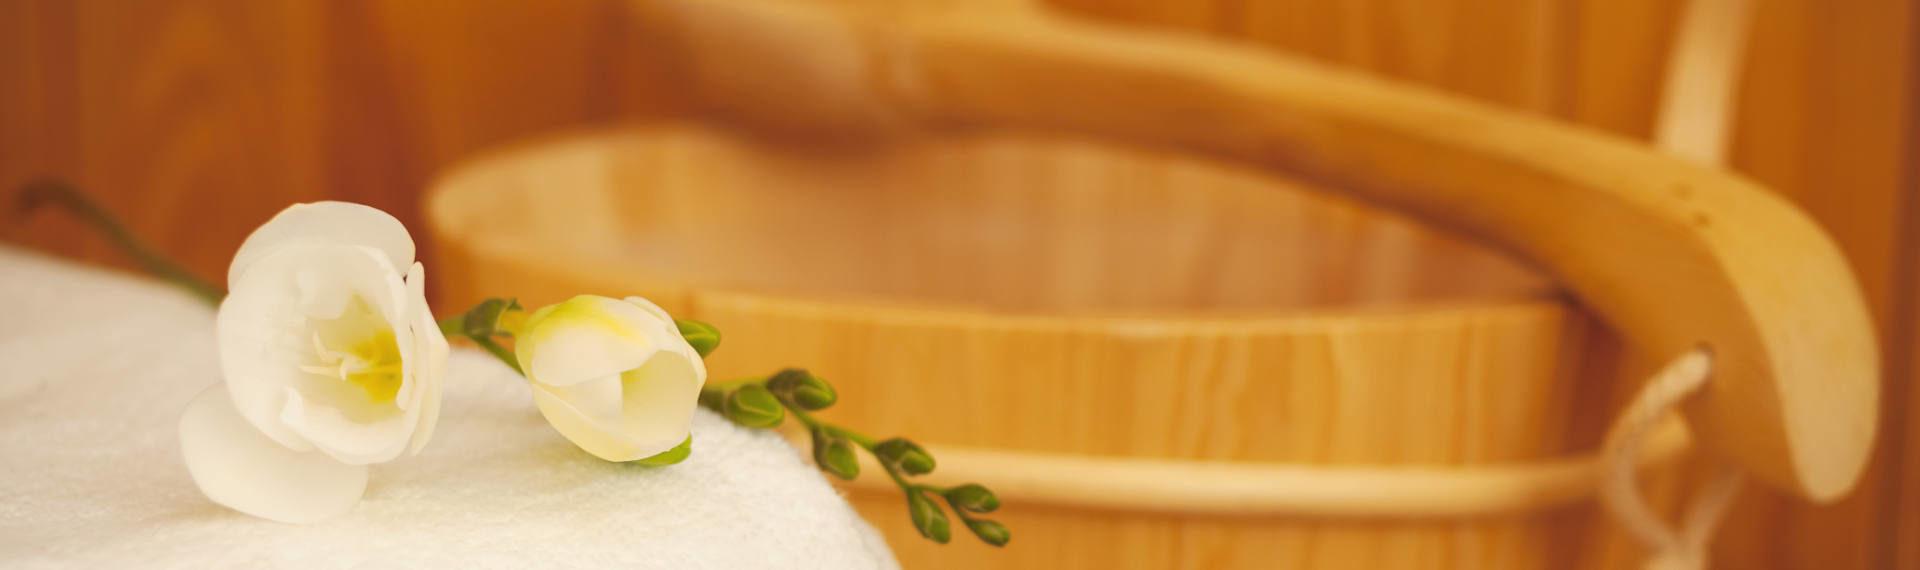 Sauna & Wellness · Bauernhofurlaub Marchlhof in Untertauern